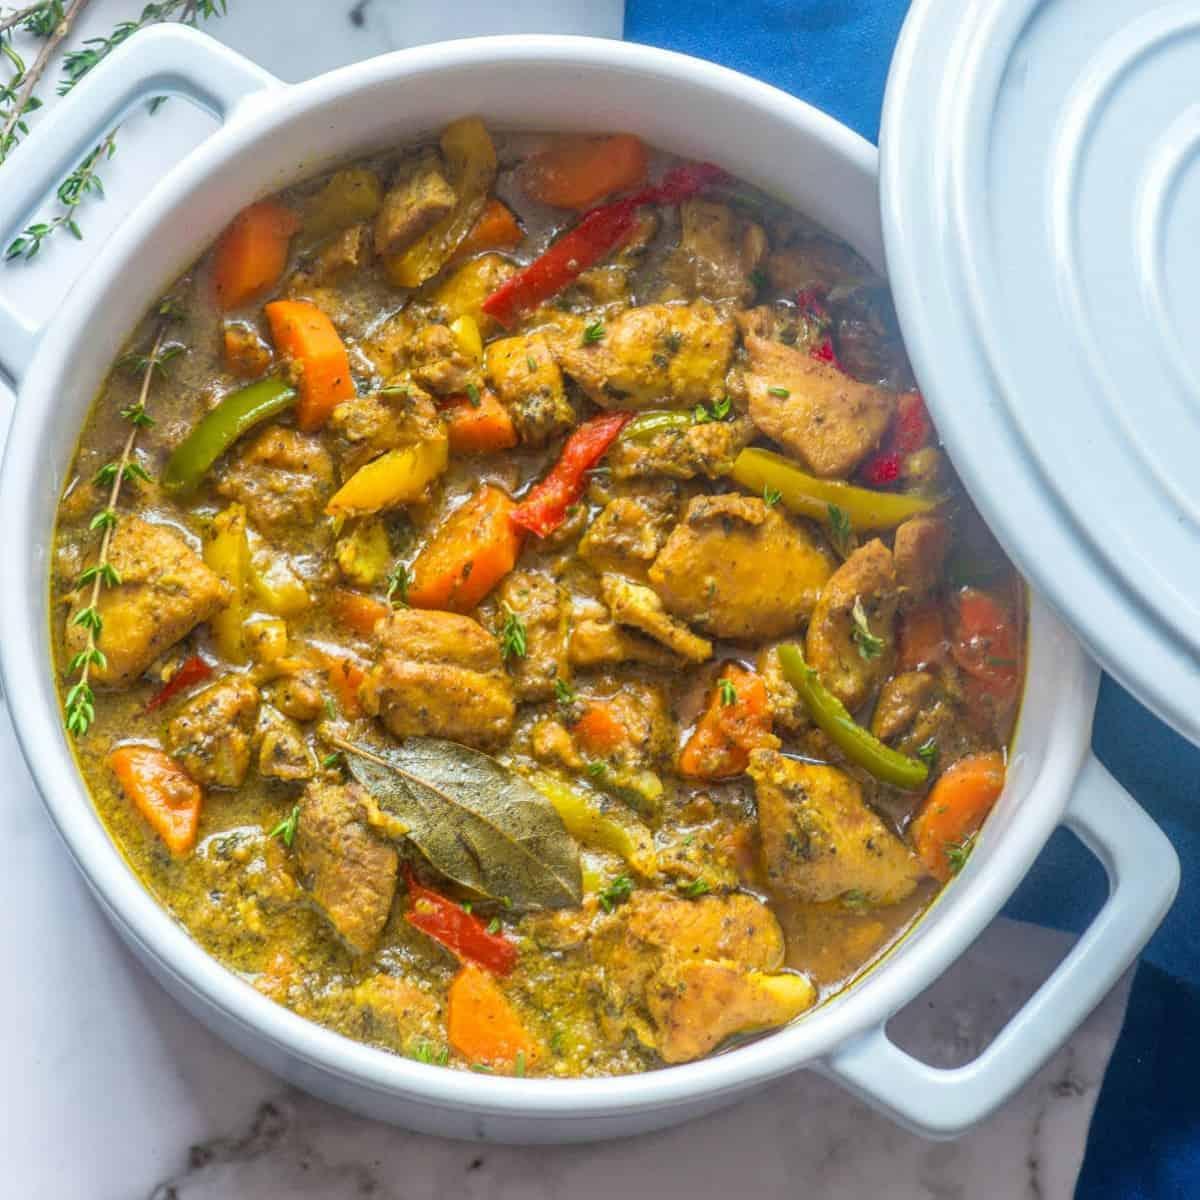 Jamaican Coconut Curry Chicken image - Amanda Seghetti